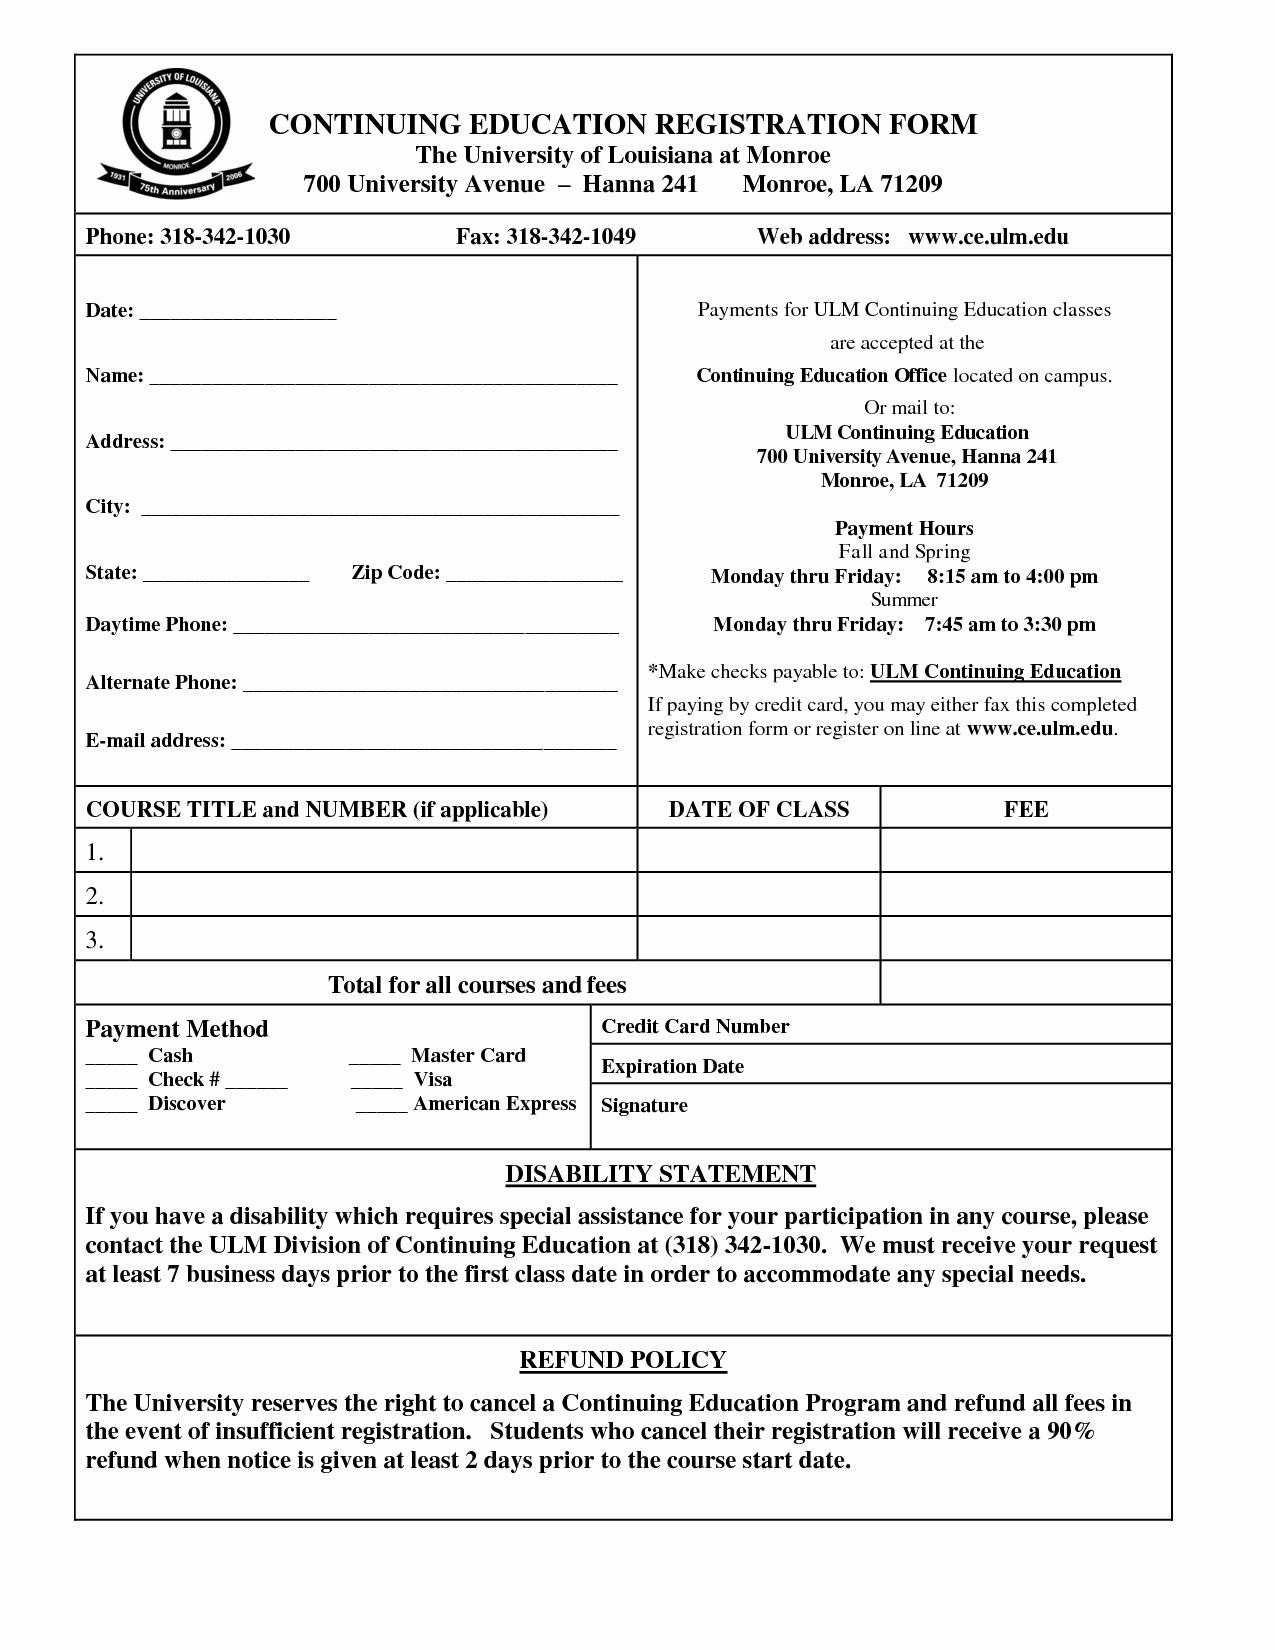 Registration forms Template Word Elegant Registration form Template Word